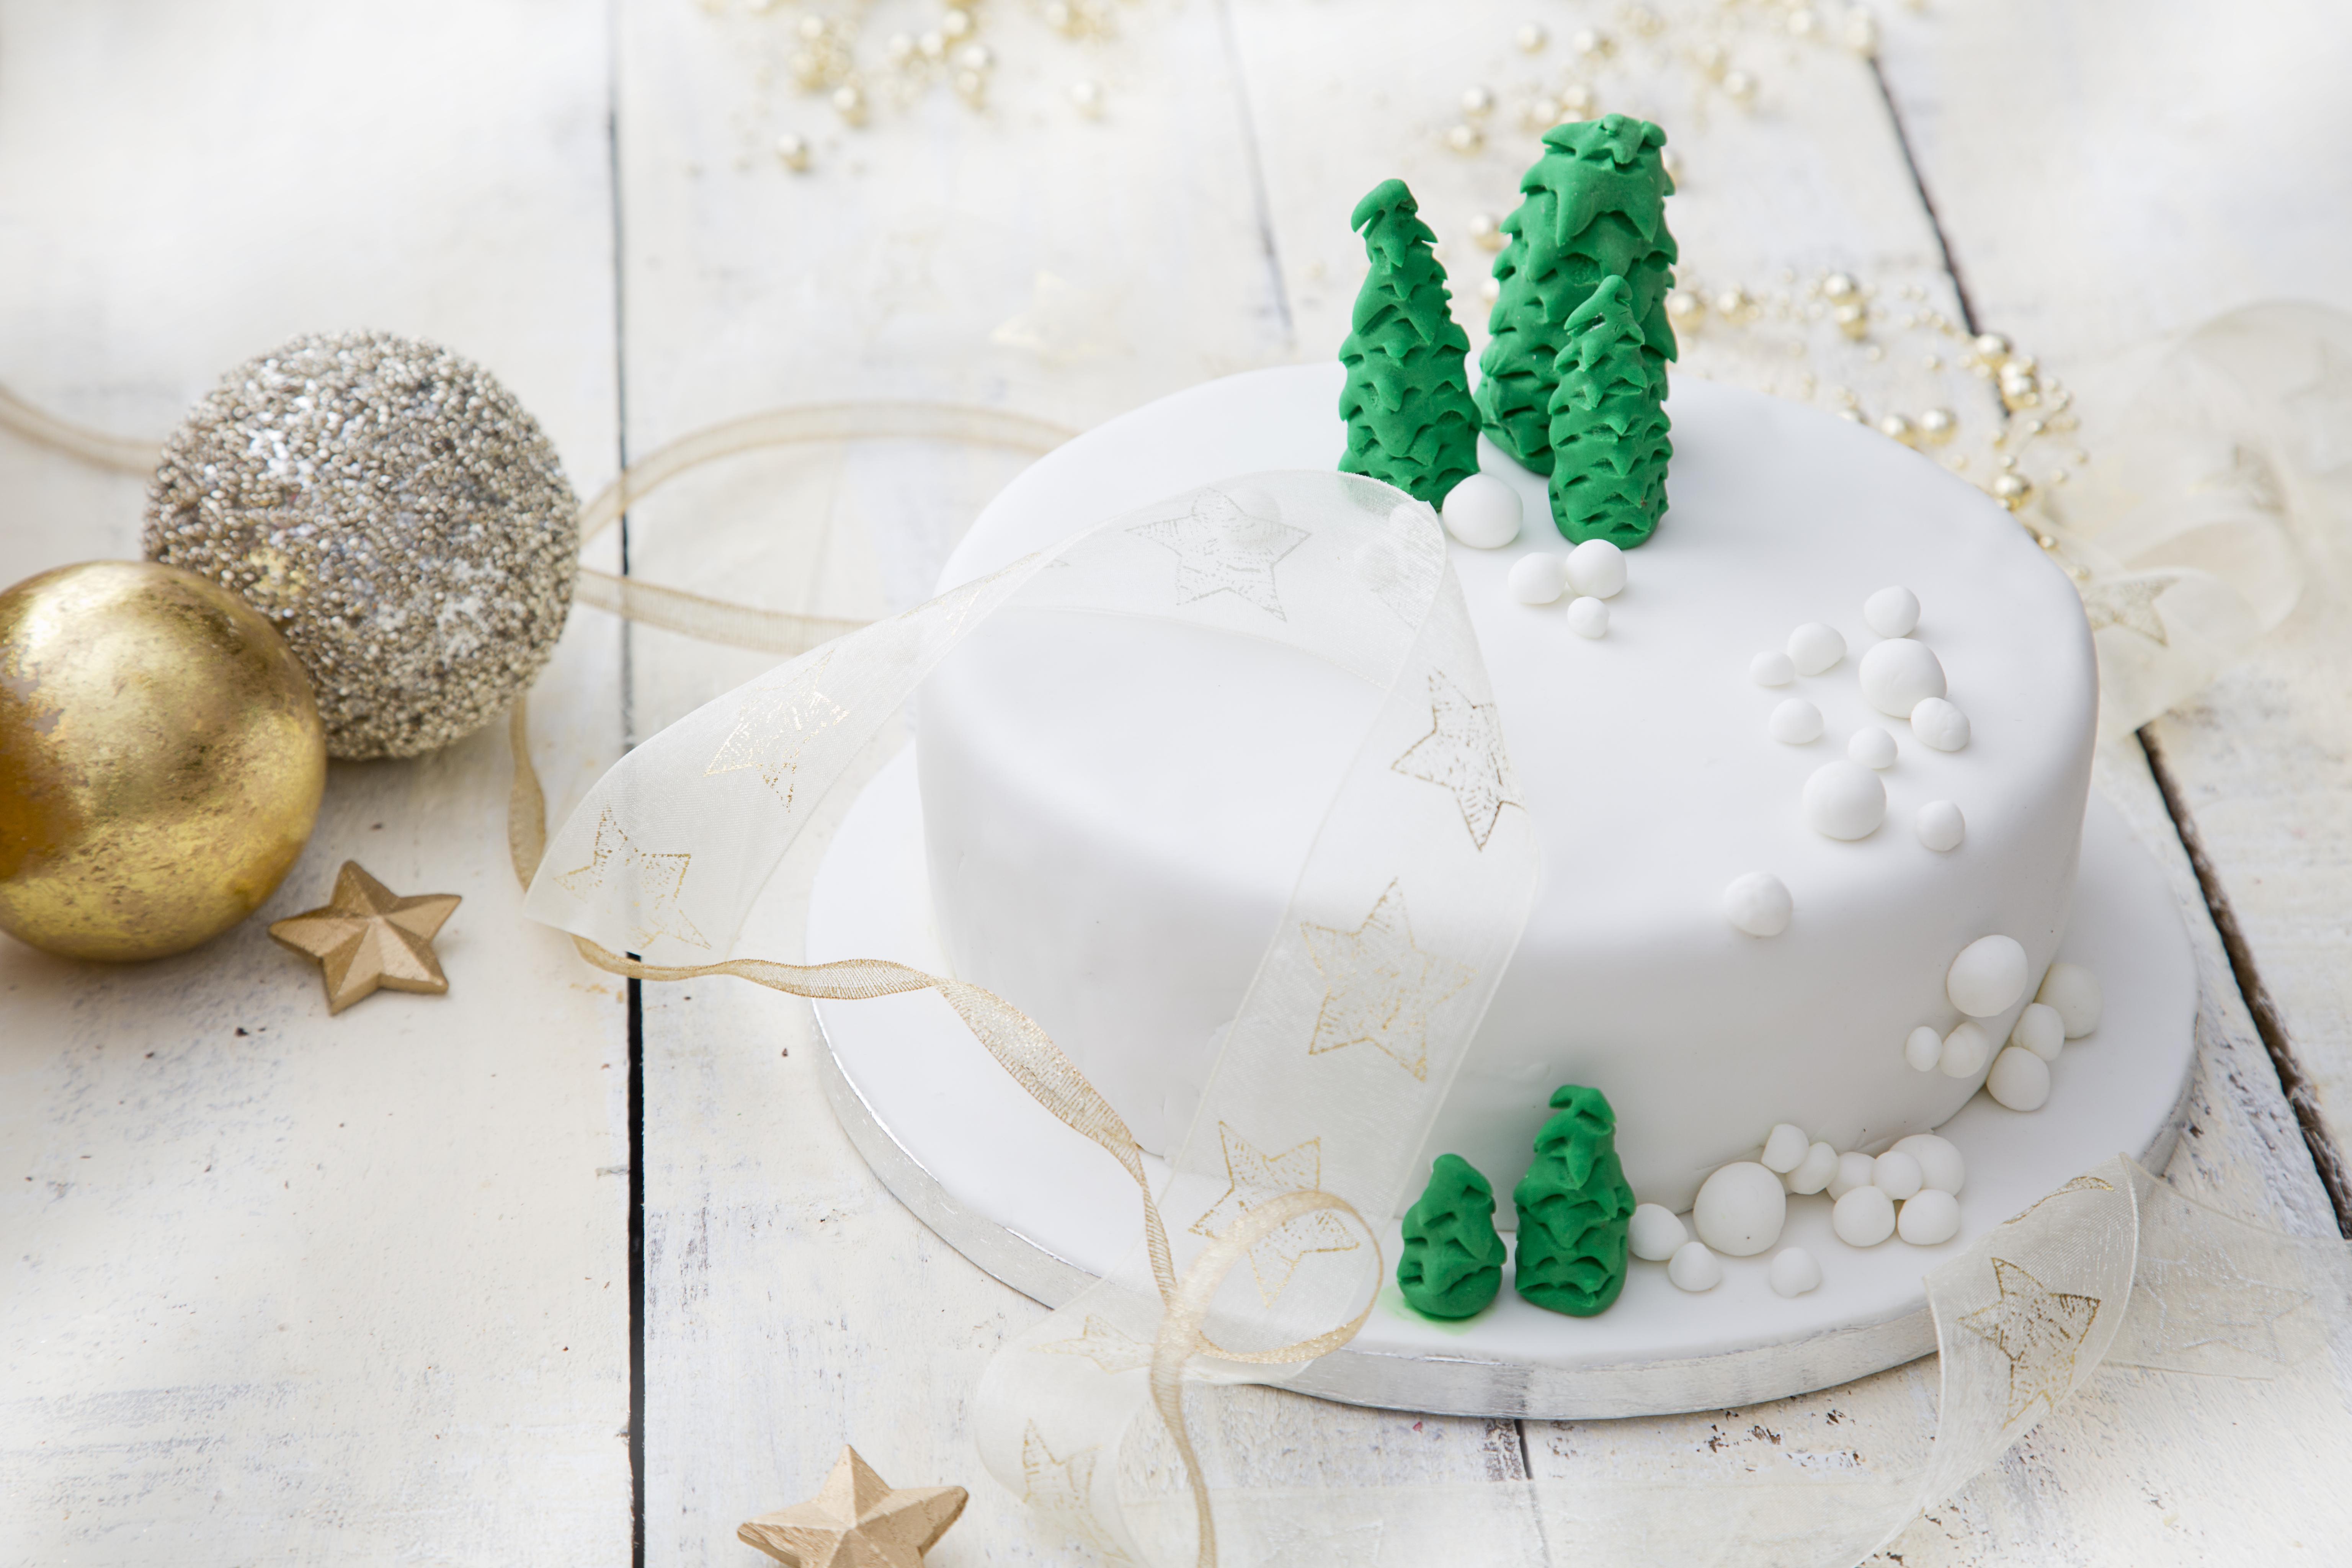 Sharon Traditional Christmas Cake U52b7723 1